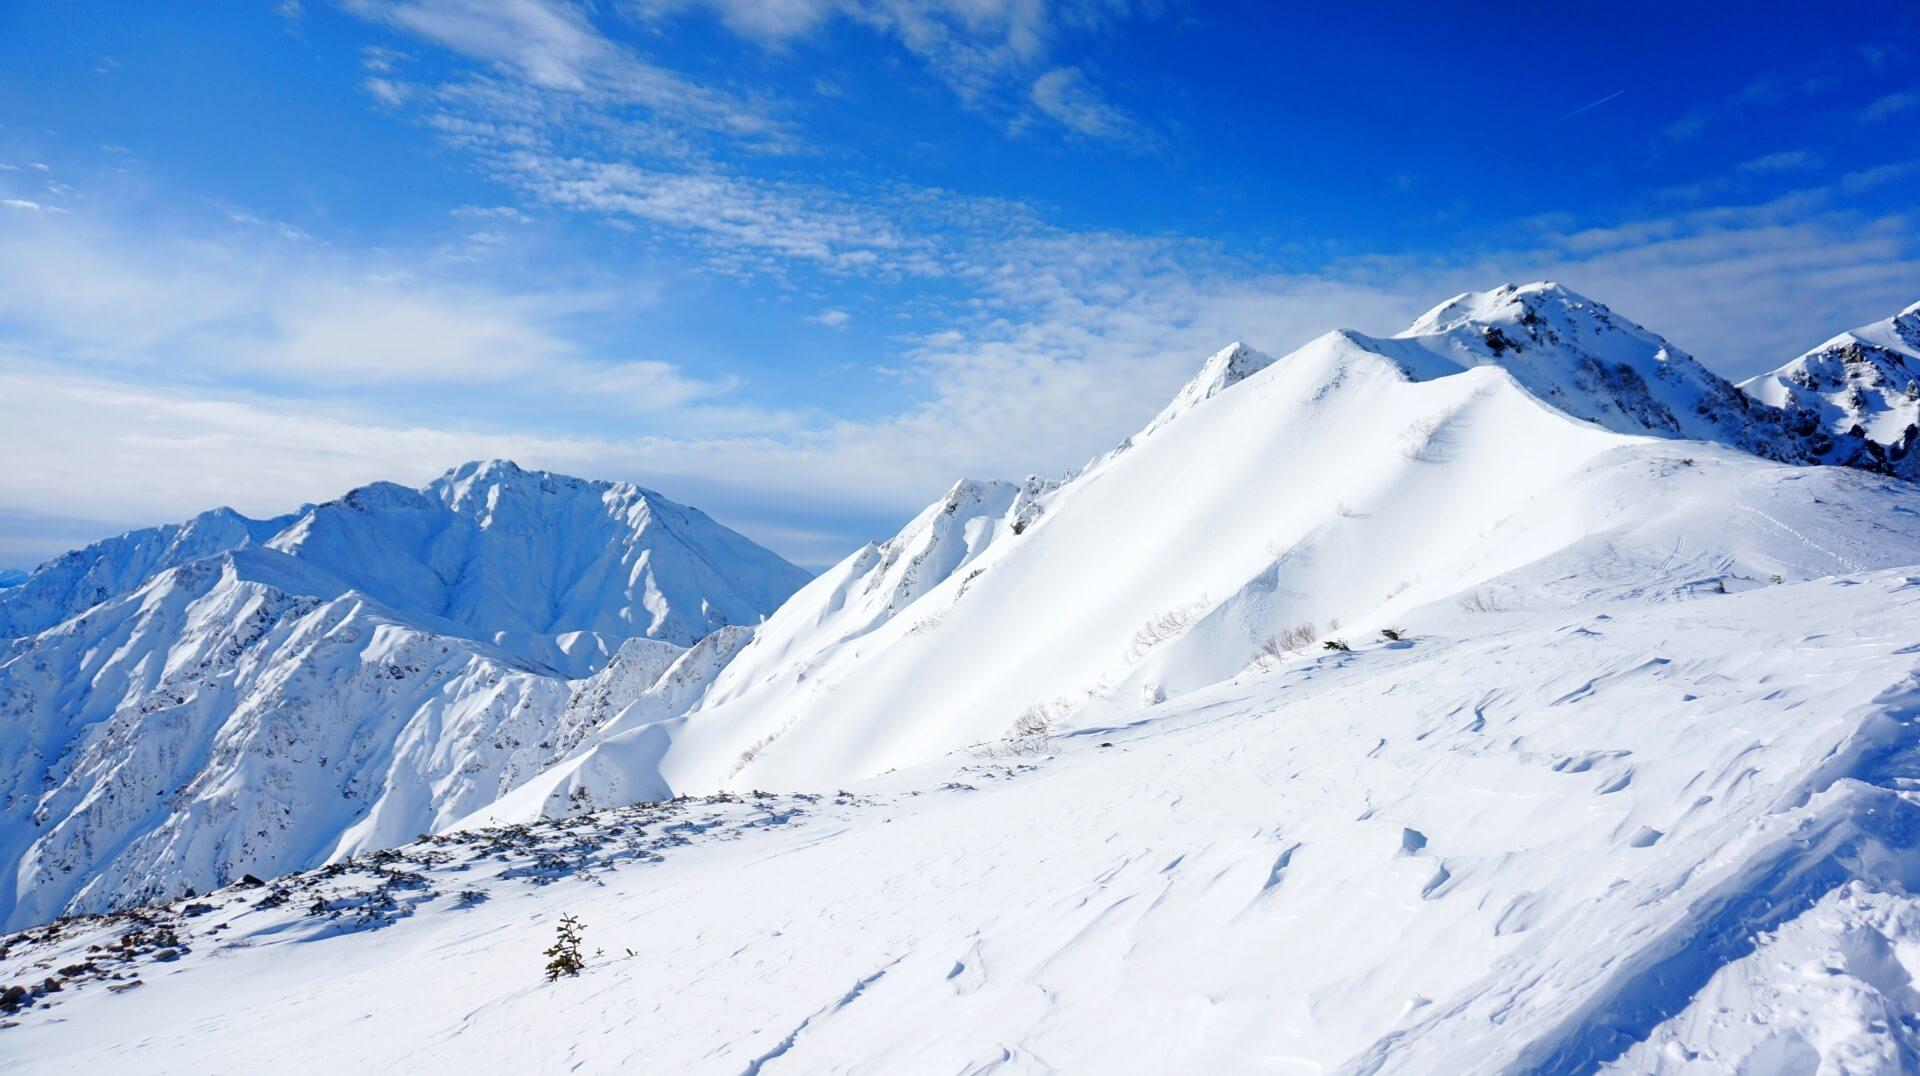 hakuba-mountains-winter